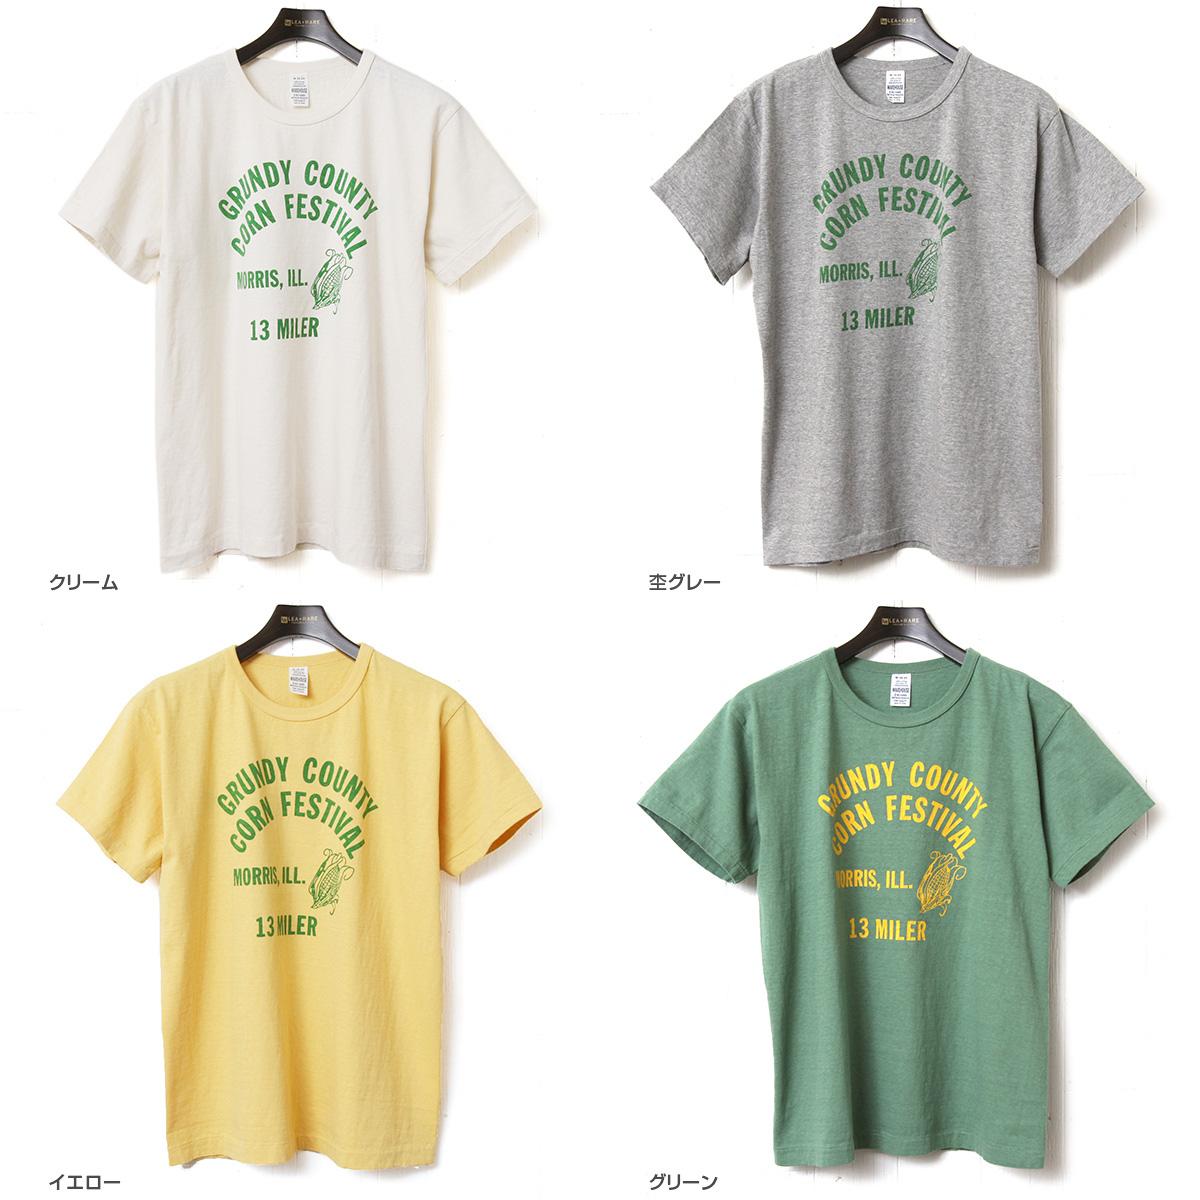 ウエアハウス WAREHOUSE 2nd hand Series プリントTシャツ 4064 [GRUNDY COUNTY]